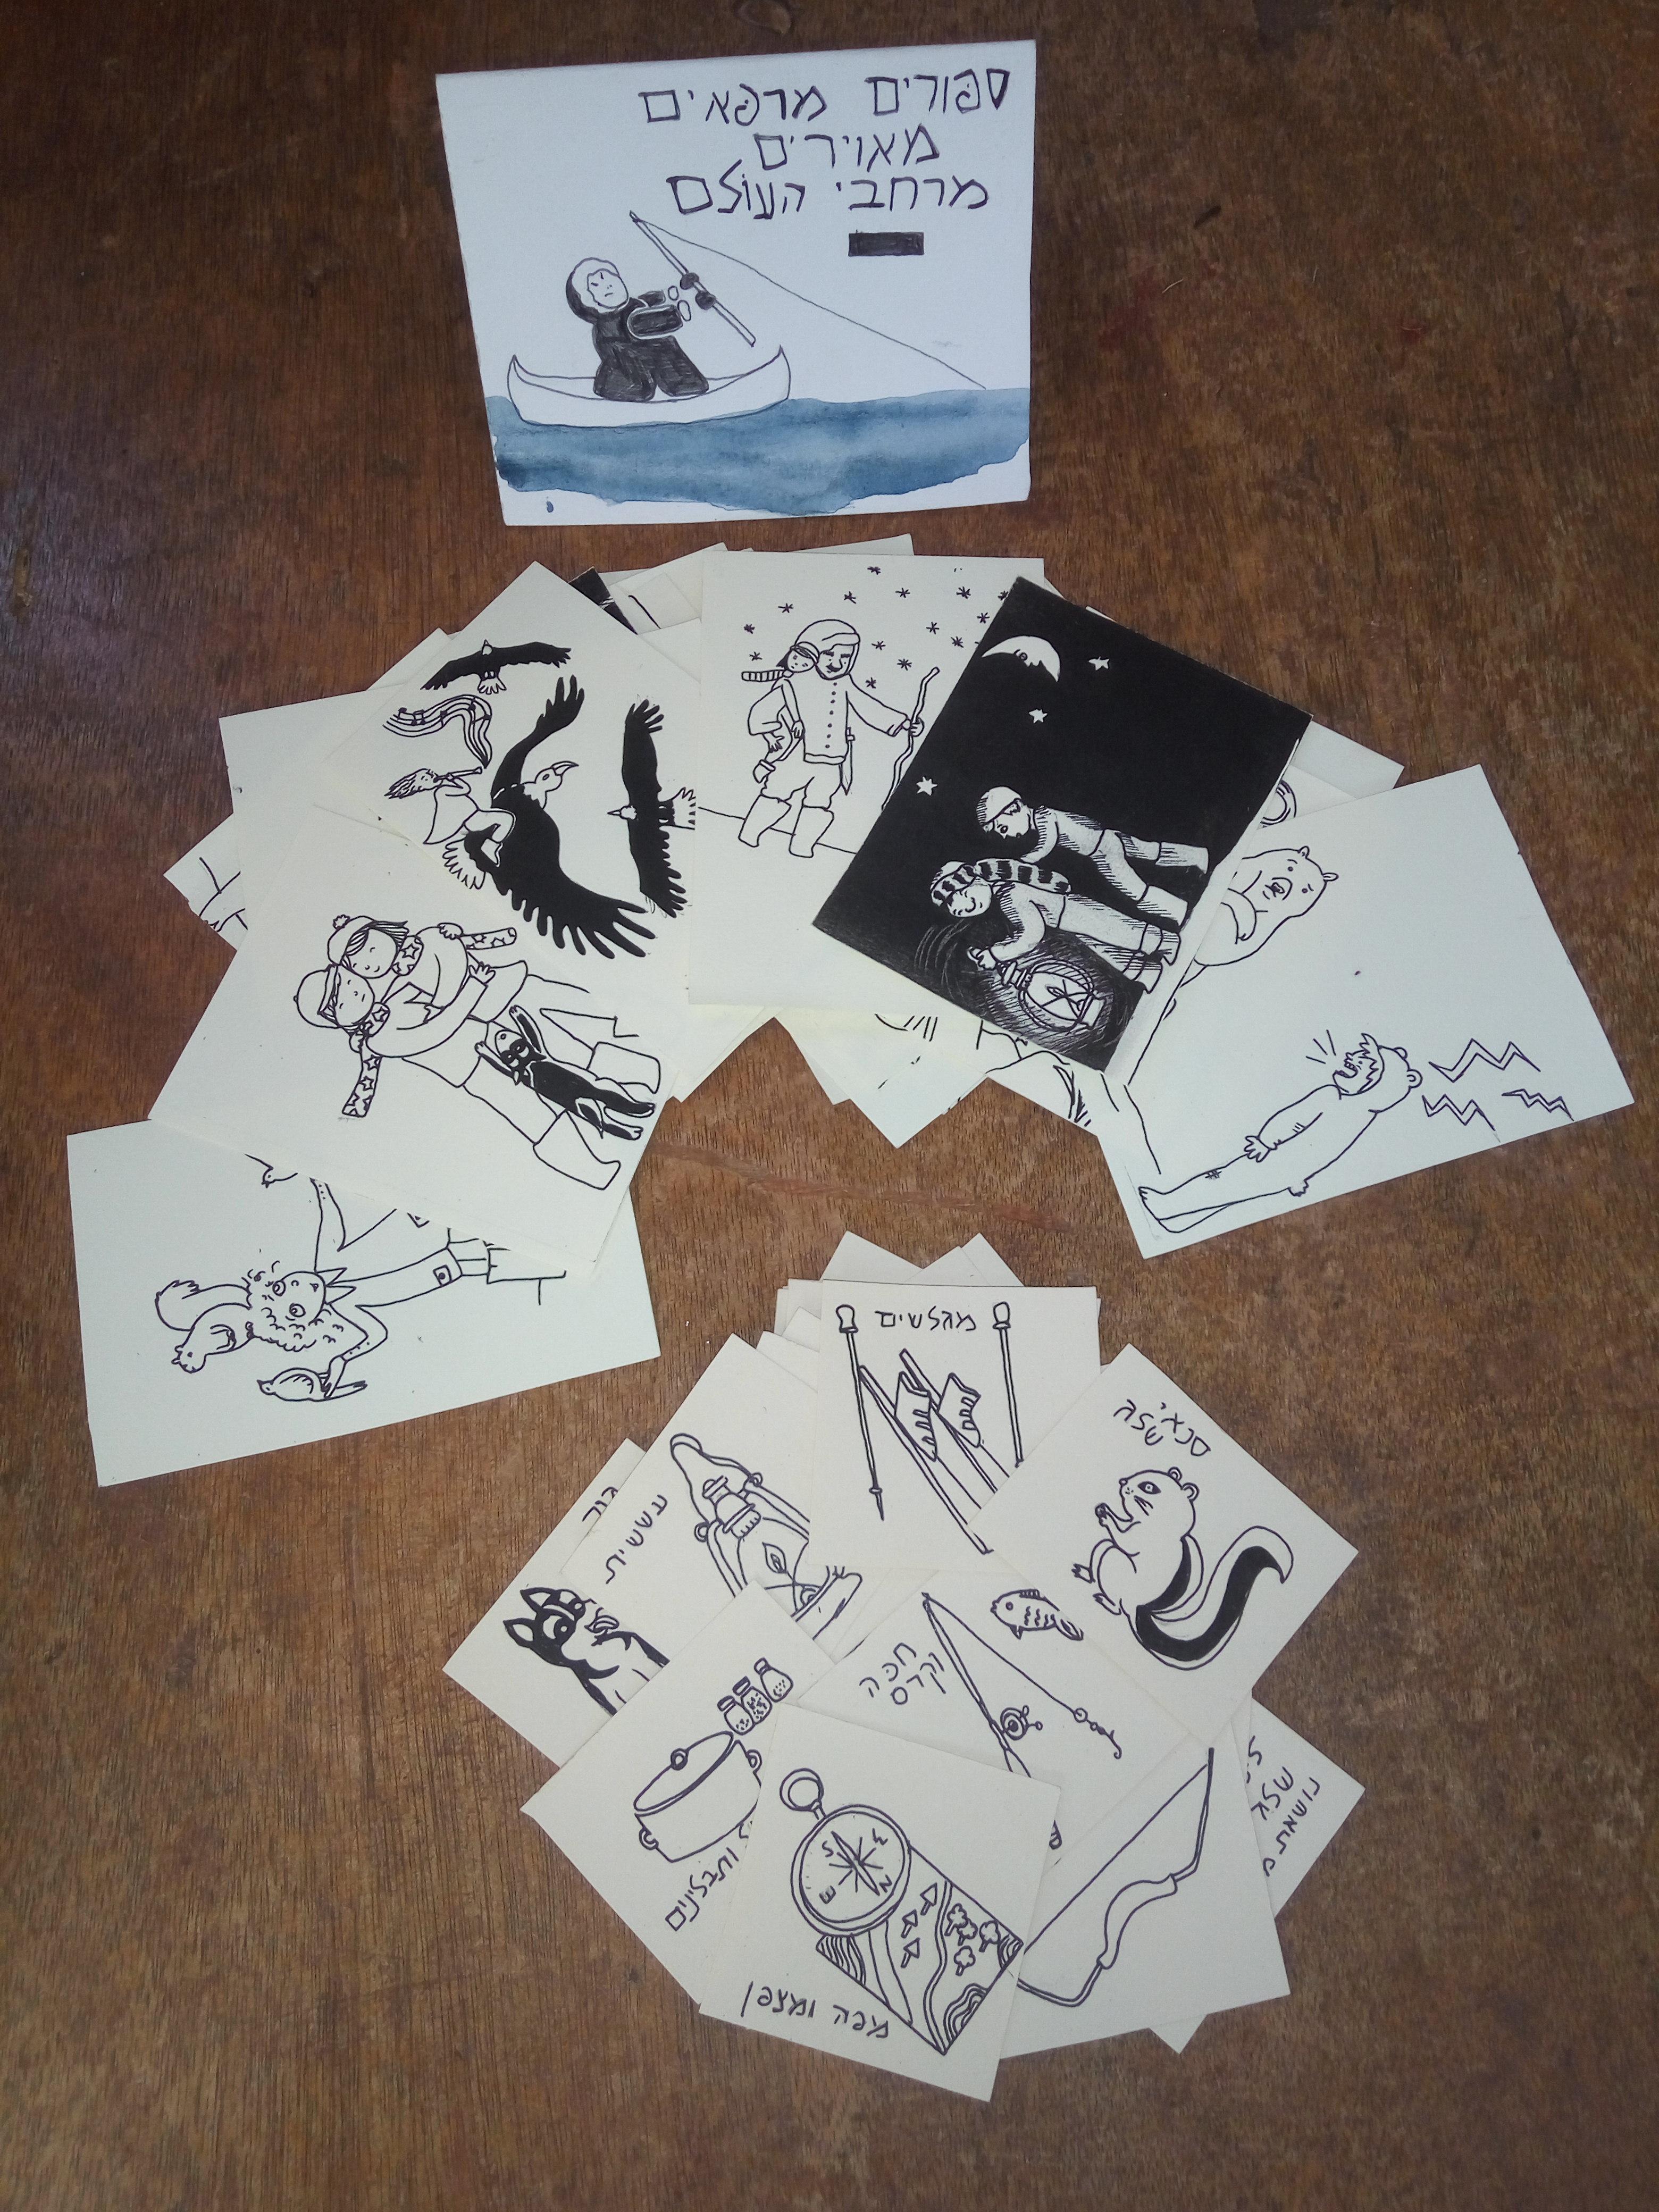 קלפים מאוירים לסיפור